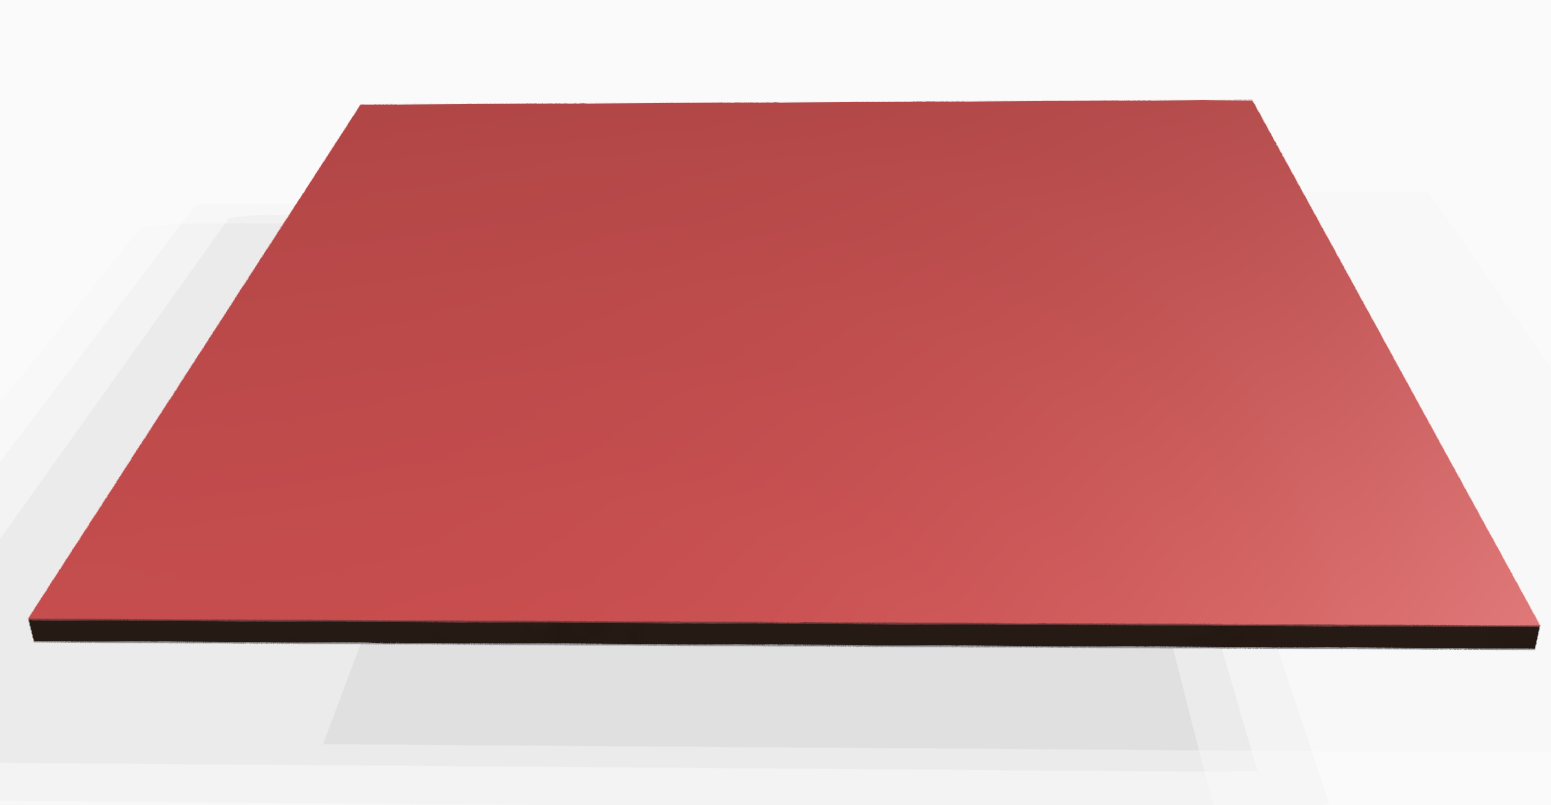 Vollkunststoff 4 mm ähnlich RAL 3000, rot